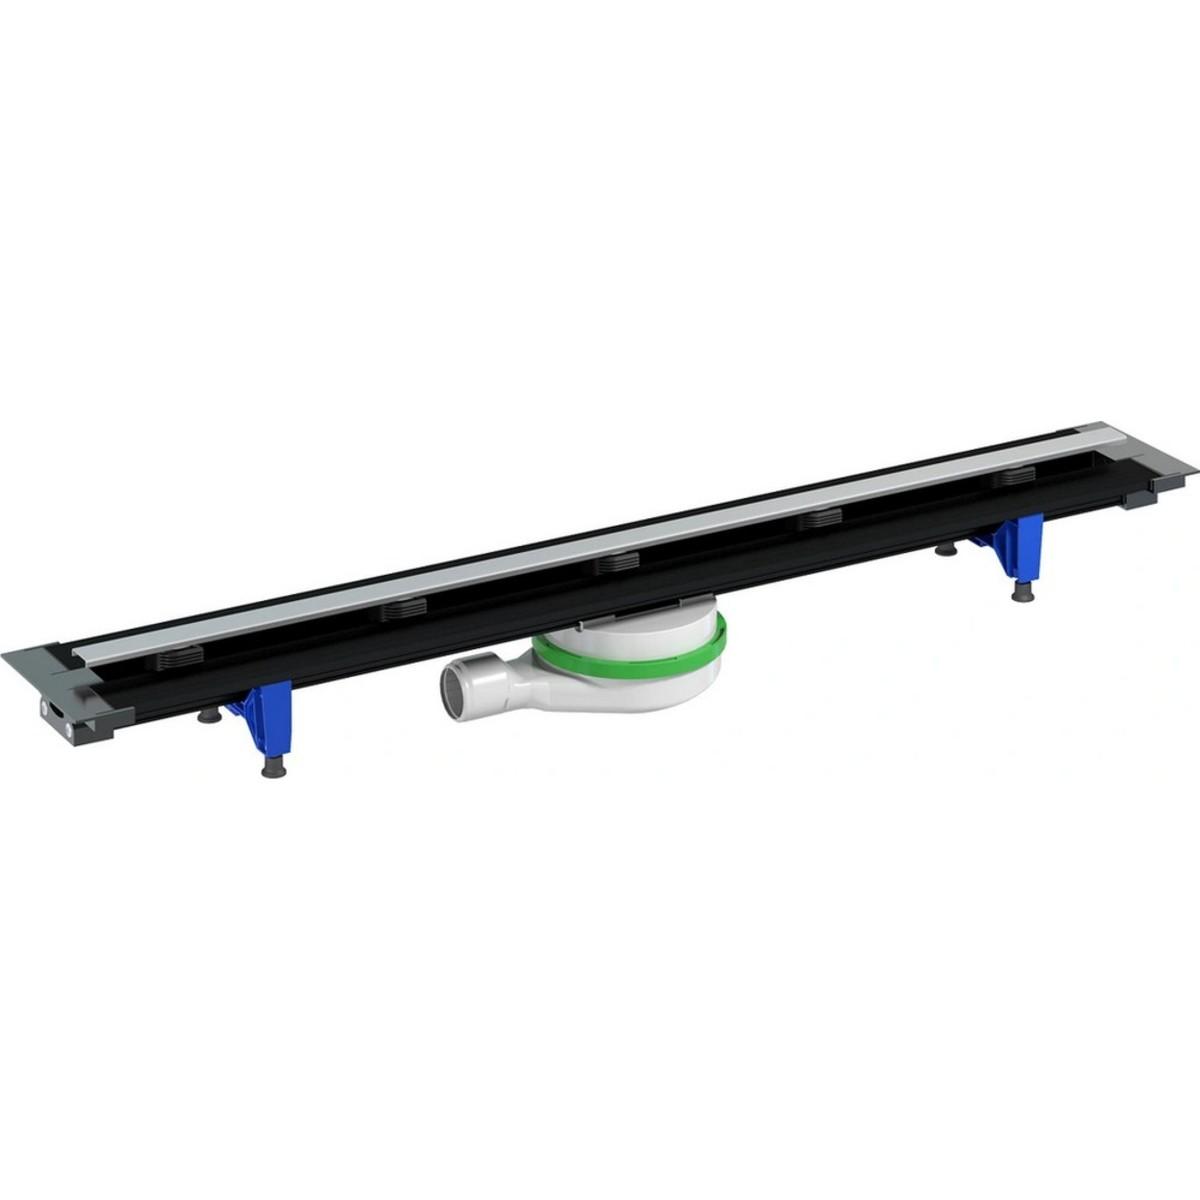 Трап для душа Prevex Easy Line EL-CLPL07N-001 700 мм